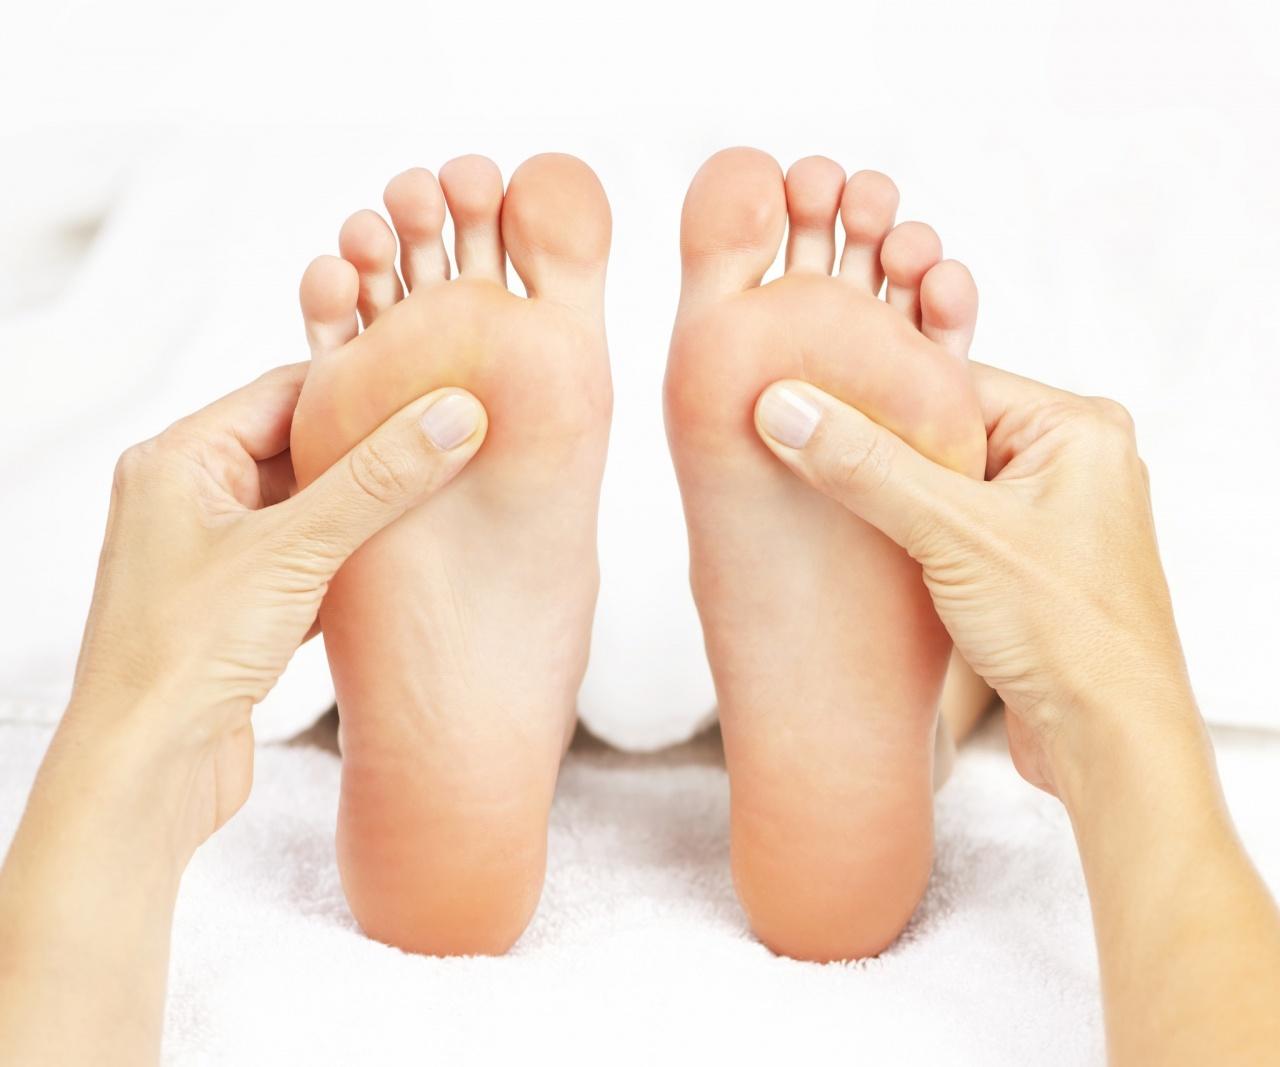 reflexologie plantaire - massage pied